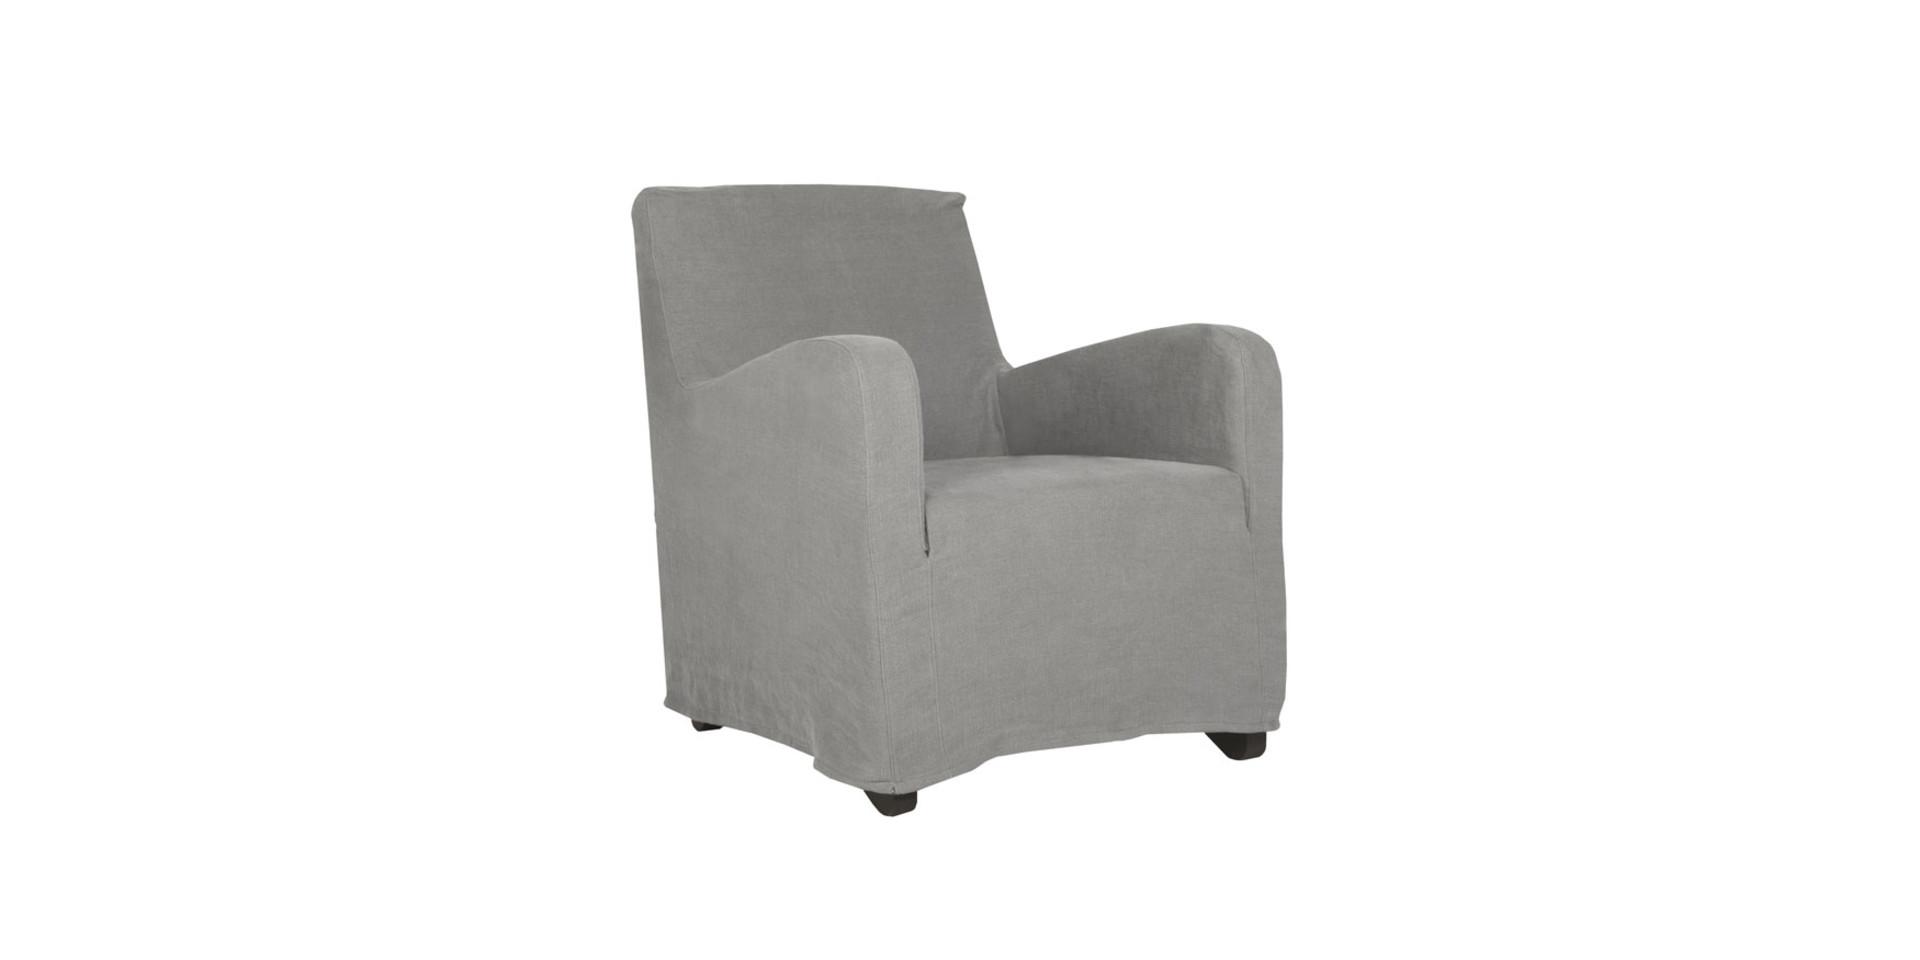 sits-mattis-fauteuil-armchair_linen_graphite_2